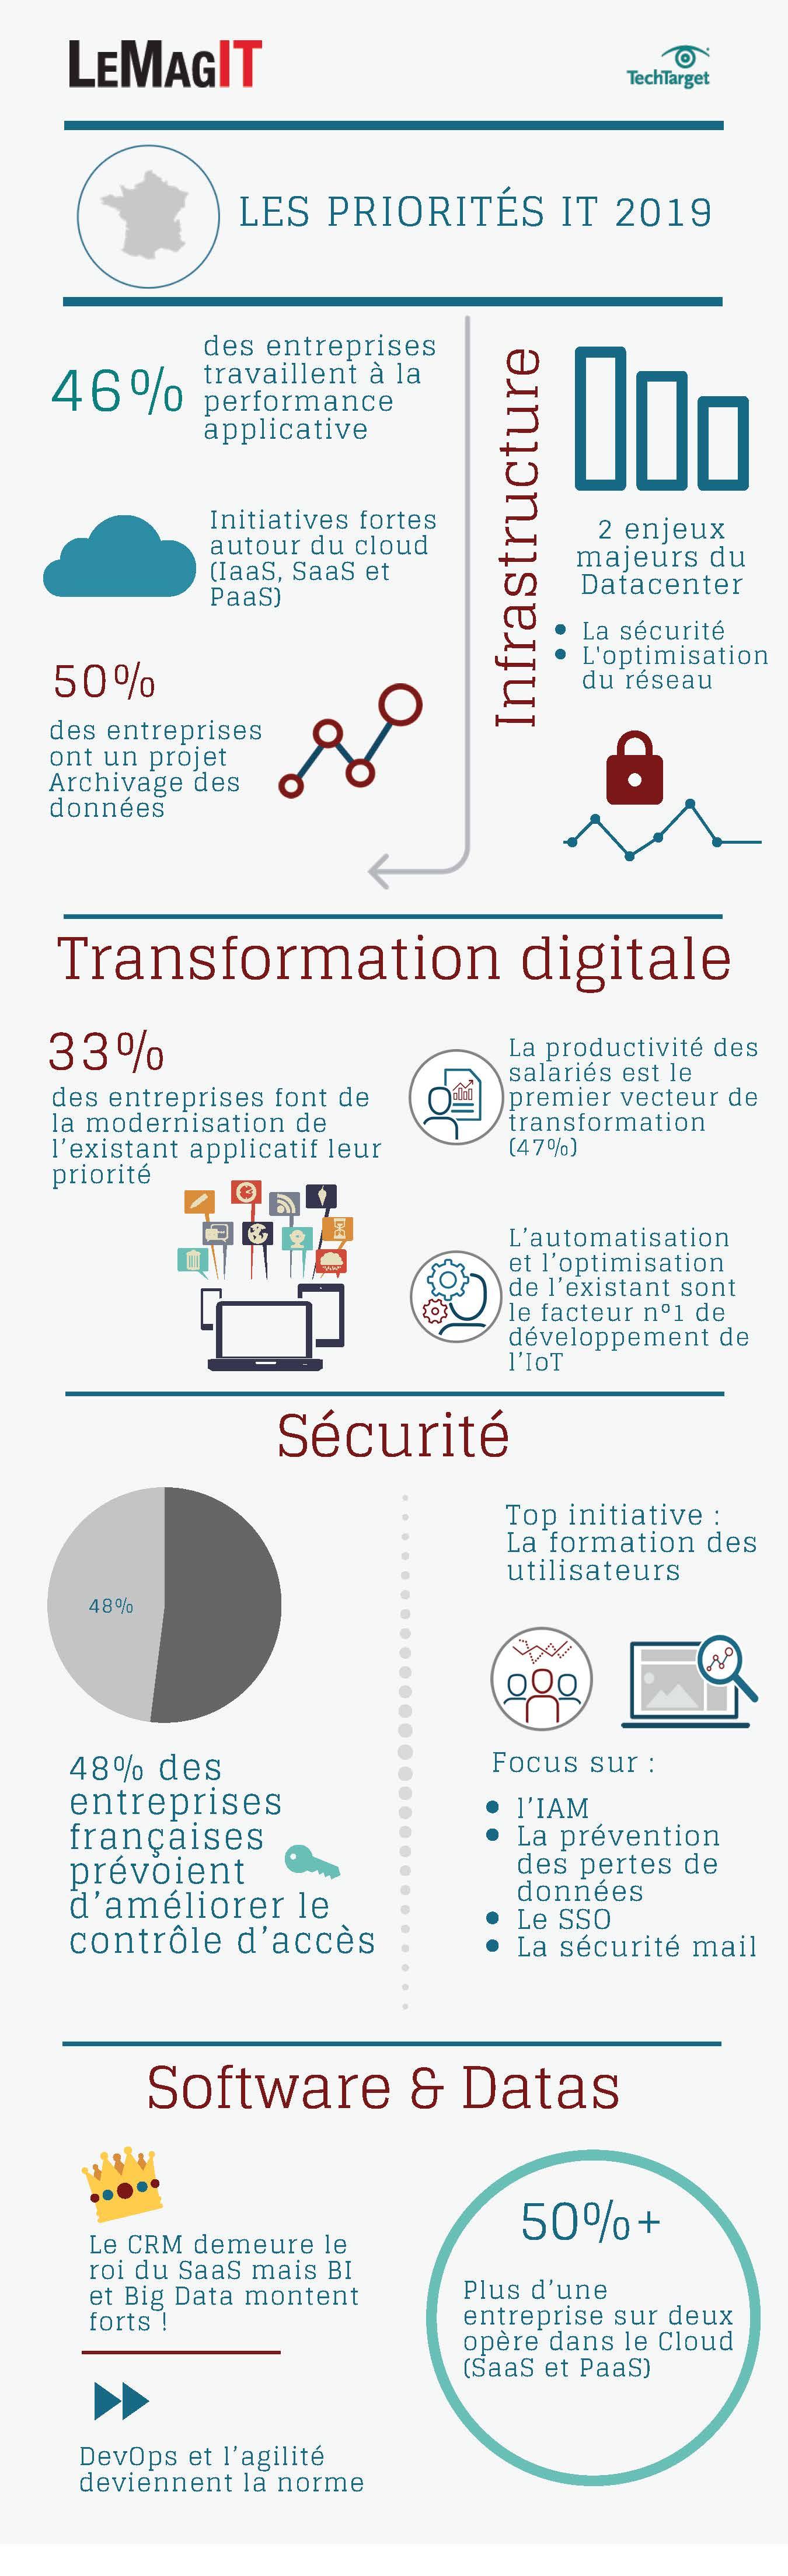 Infographie de MagIT sur les priorités de l'IT de 2019